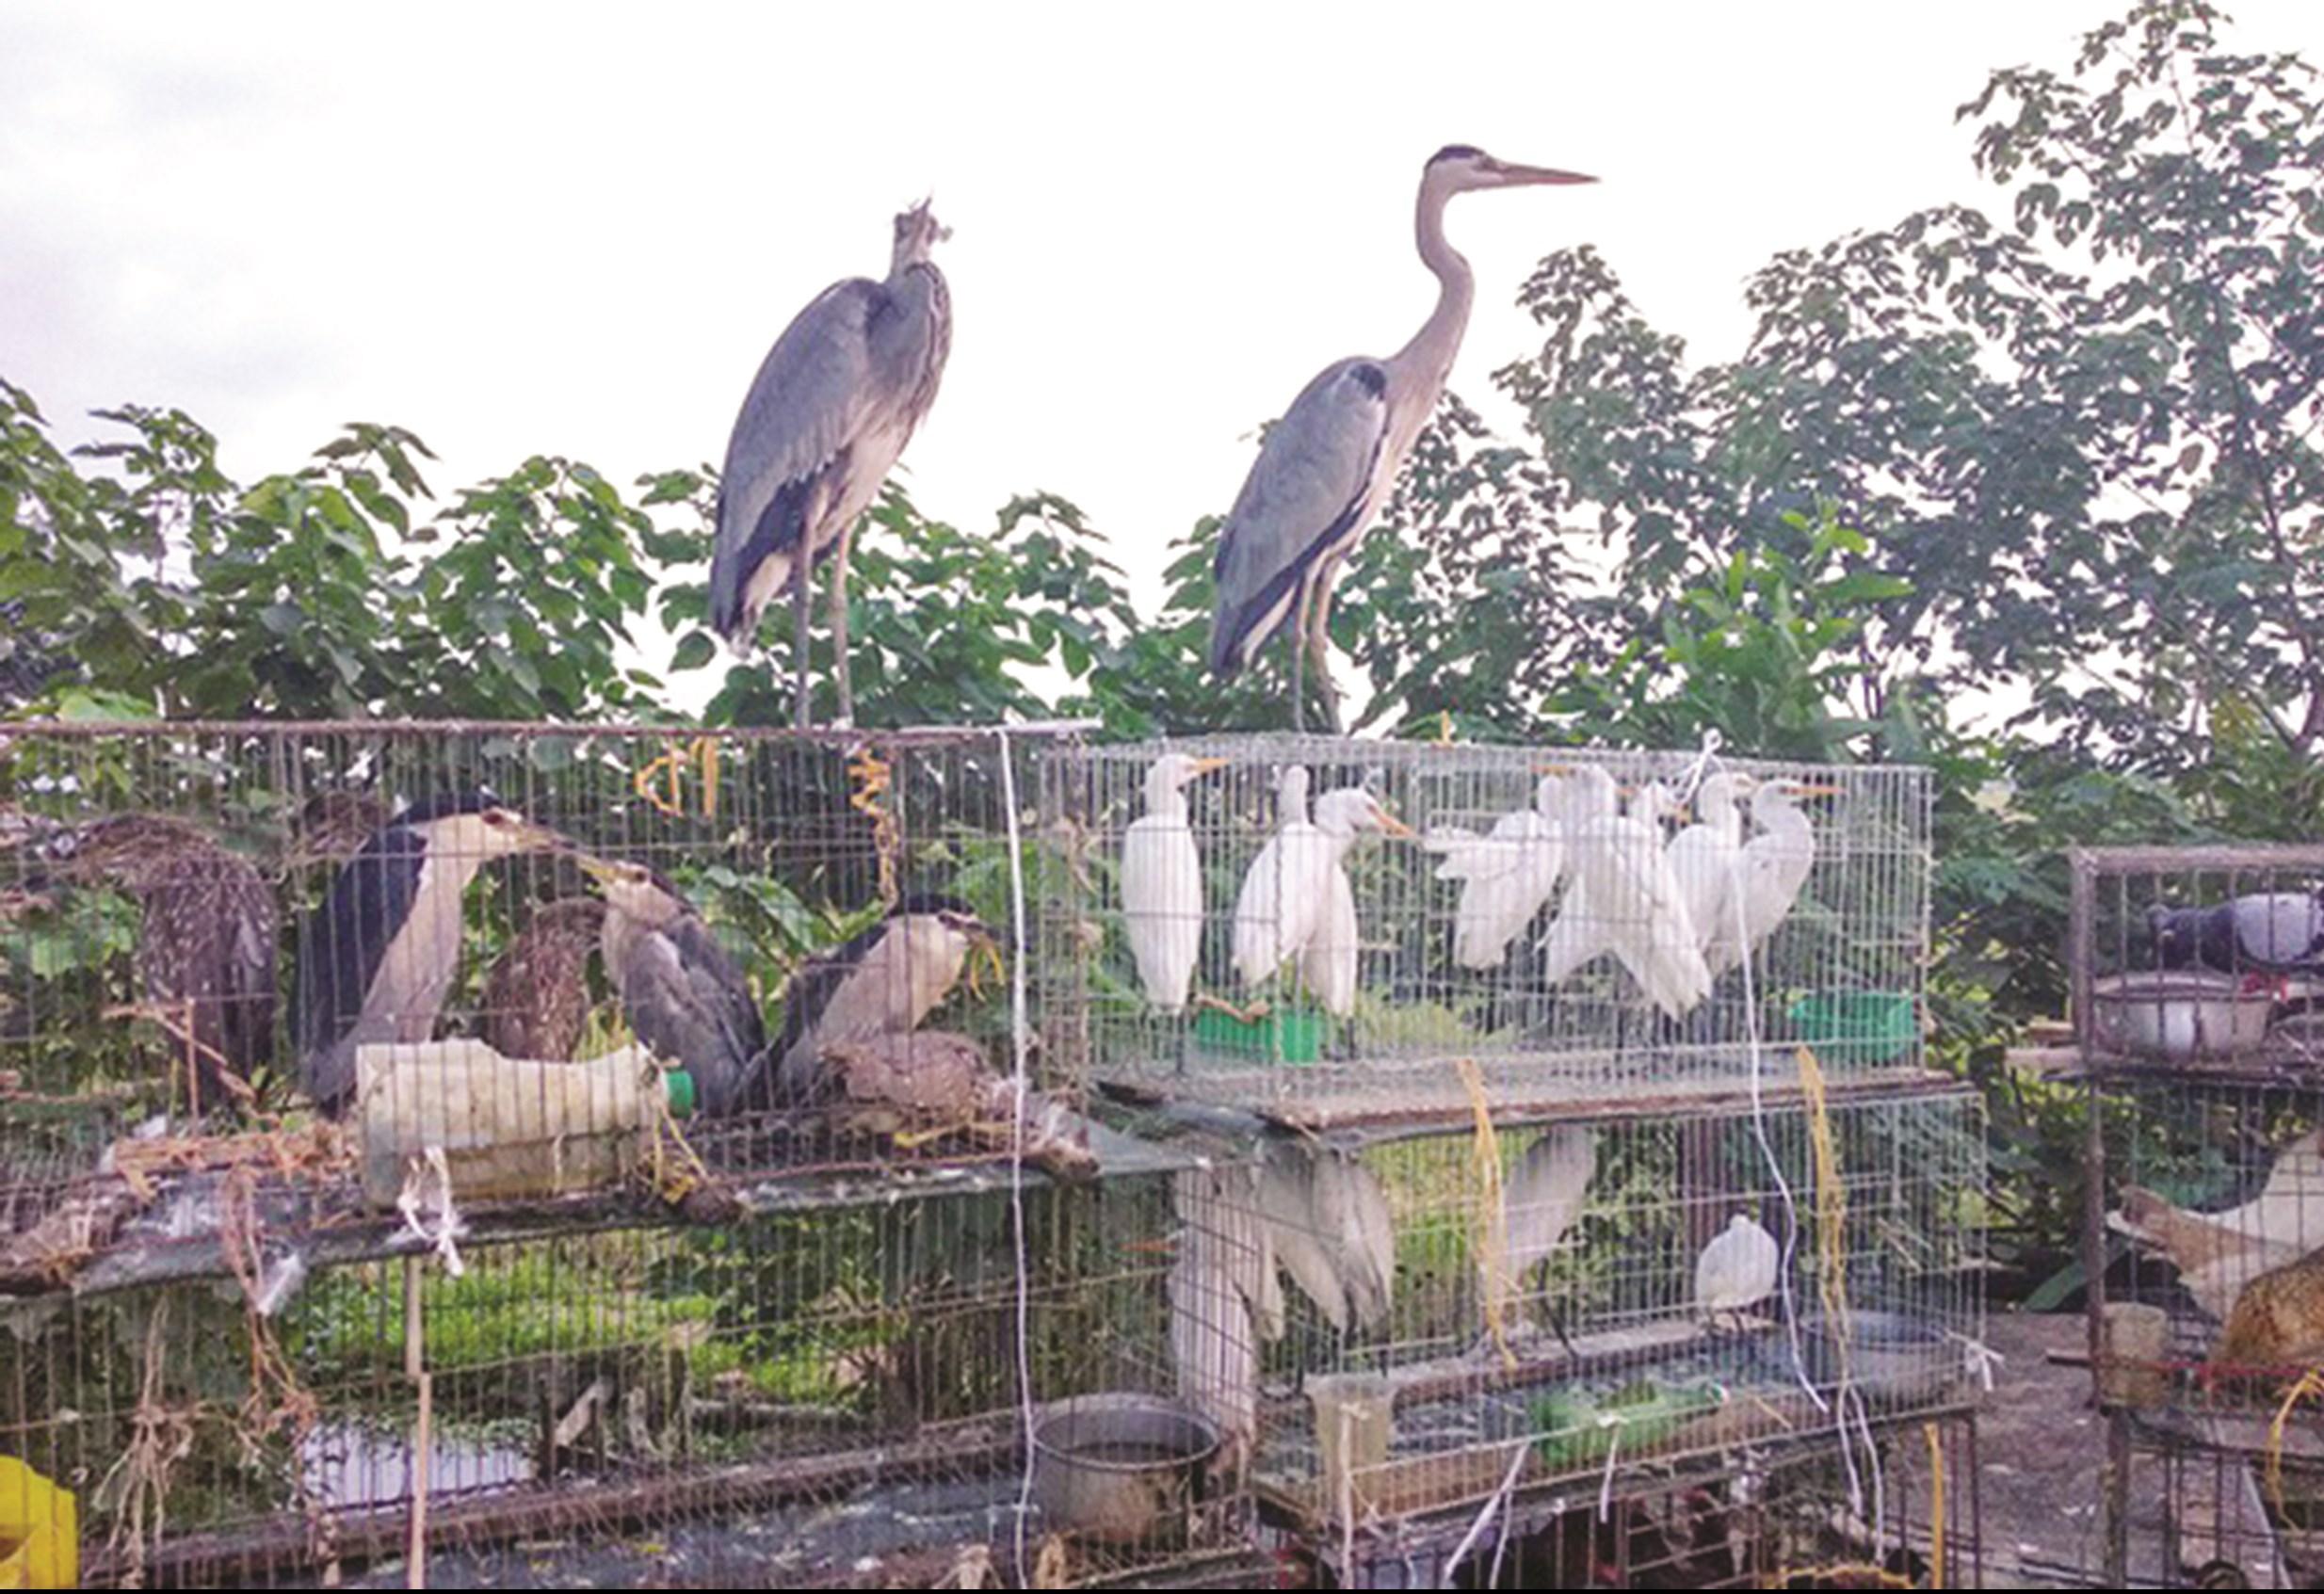 Chợ chim thiên nhiên được bày bán công khai trên đại lộ Thăng Long (Hà Nội).